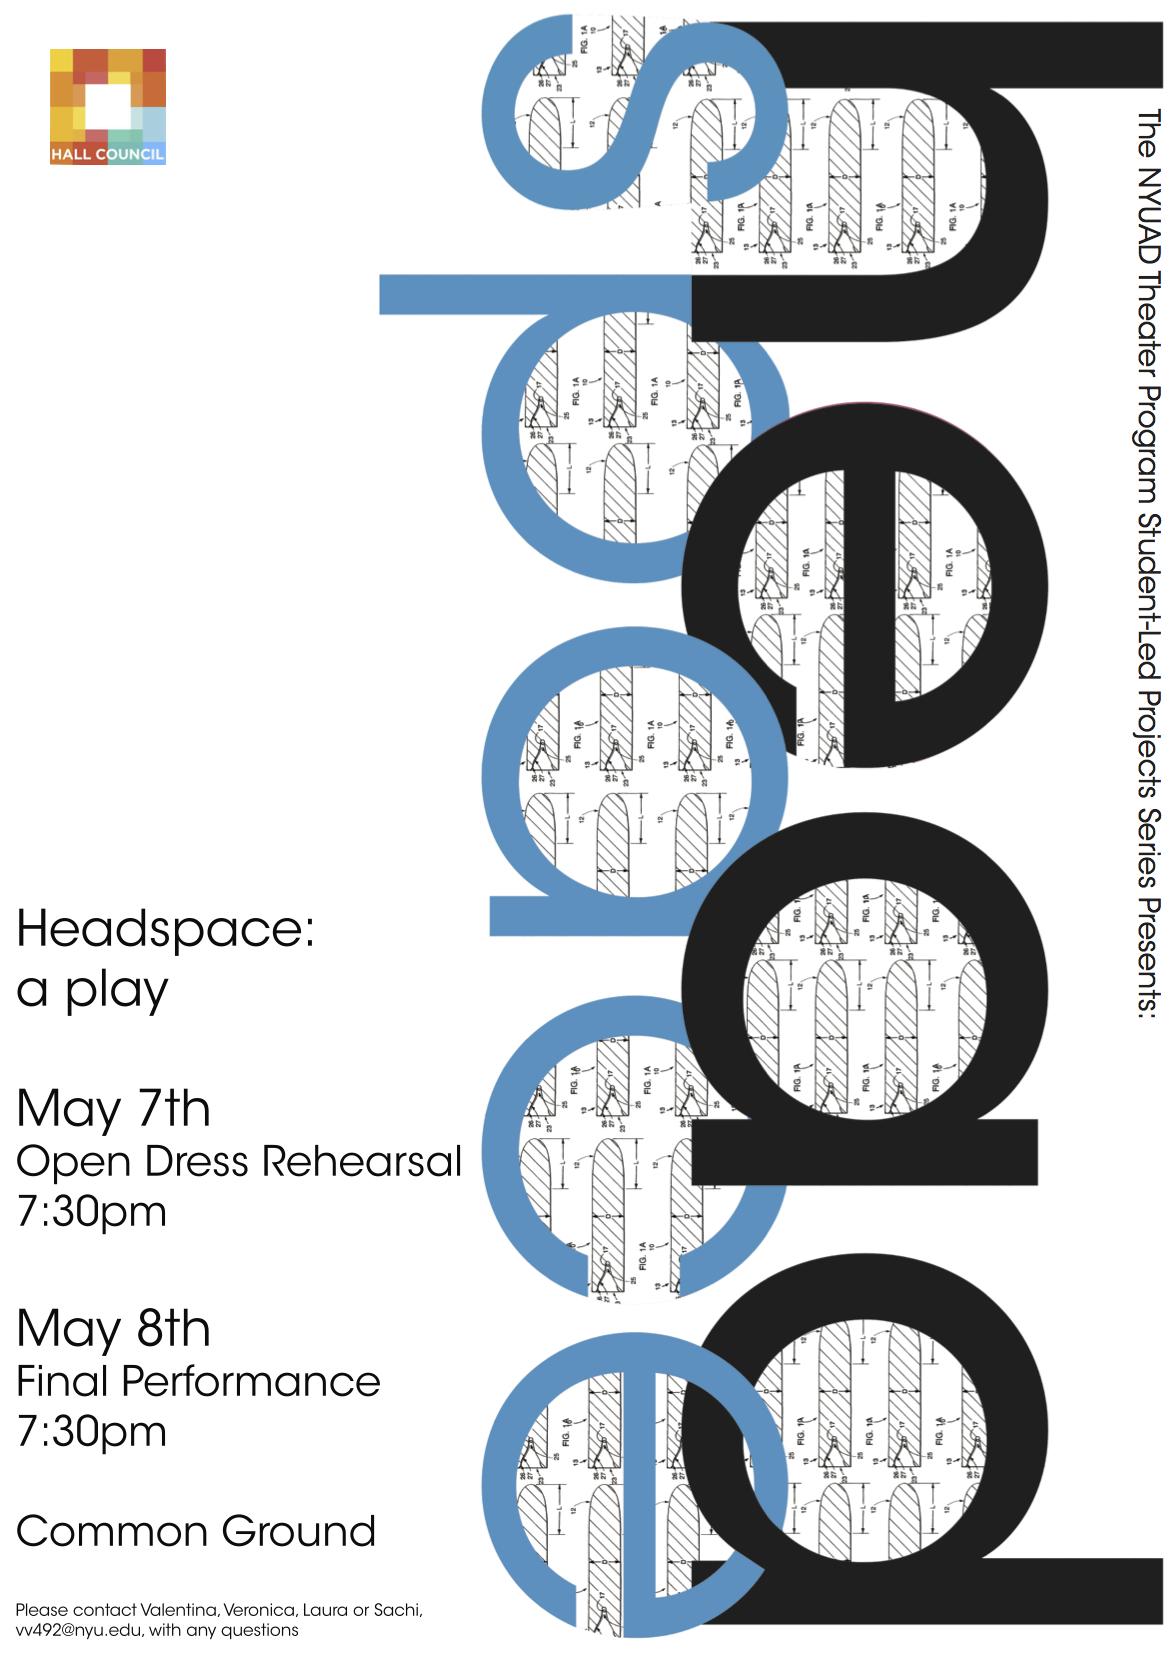 HeadspacePosters3.jpg